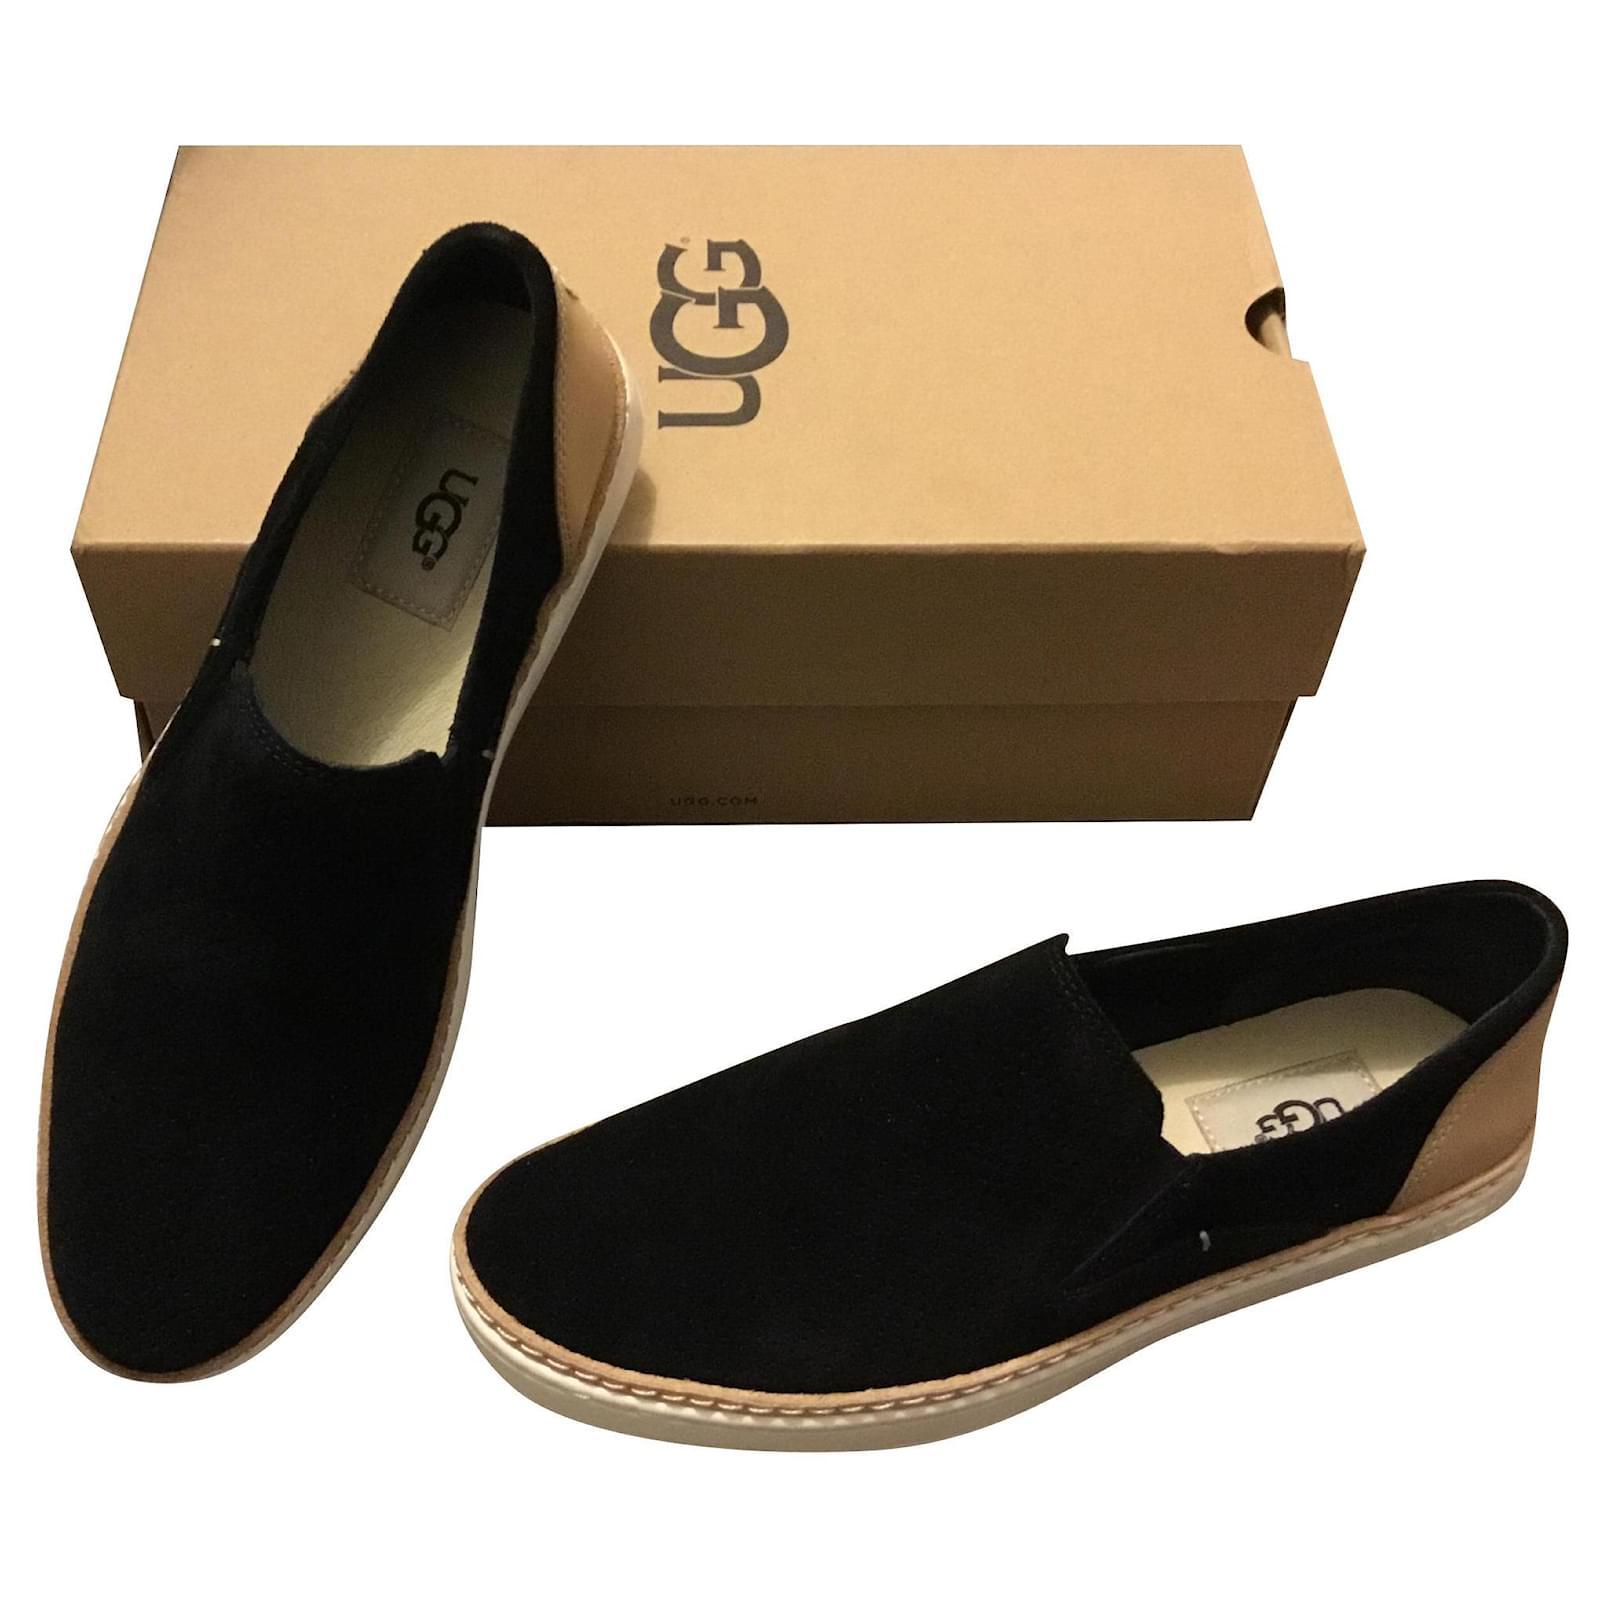 Ugg Ugg loafers black leather black